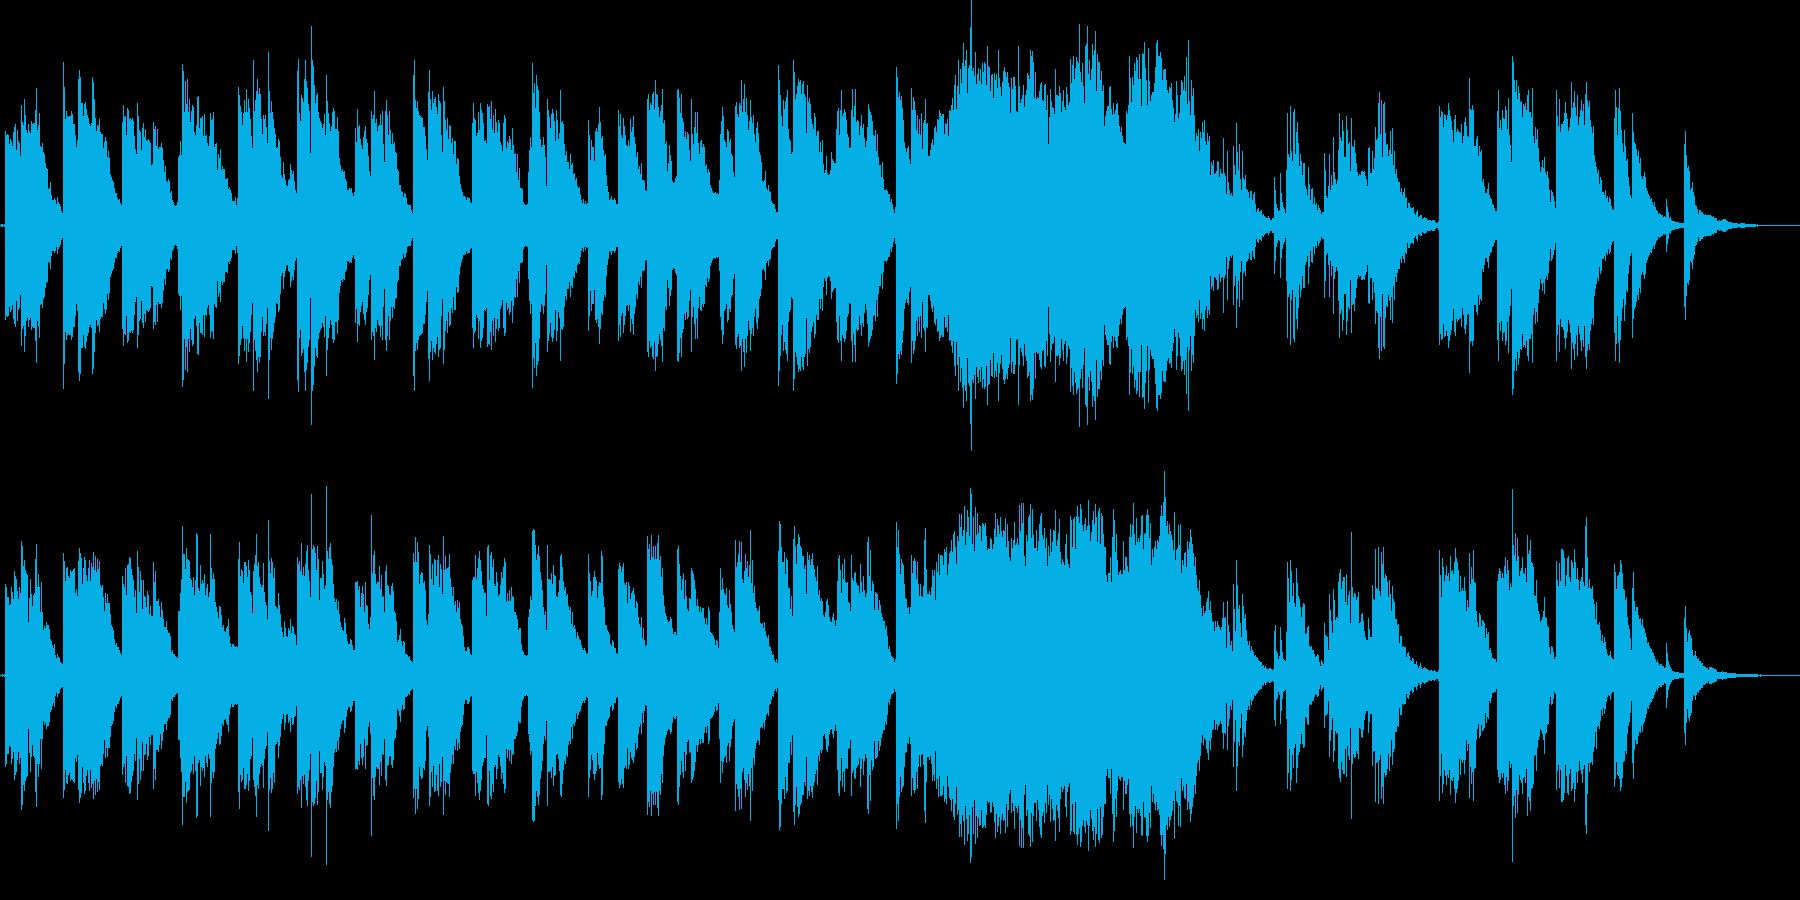 幻想的な、英詩BGM系歌モノの再生済みの波形